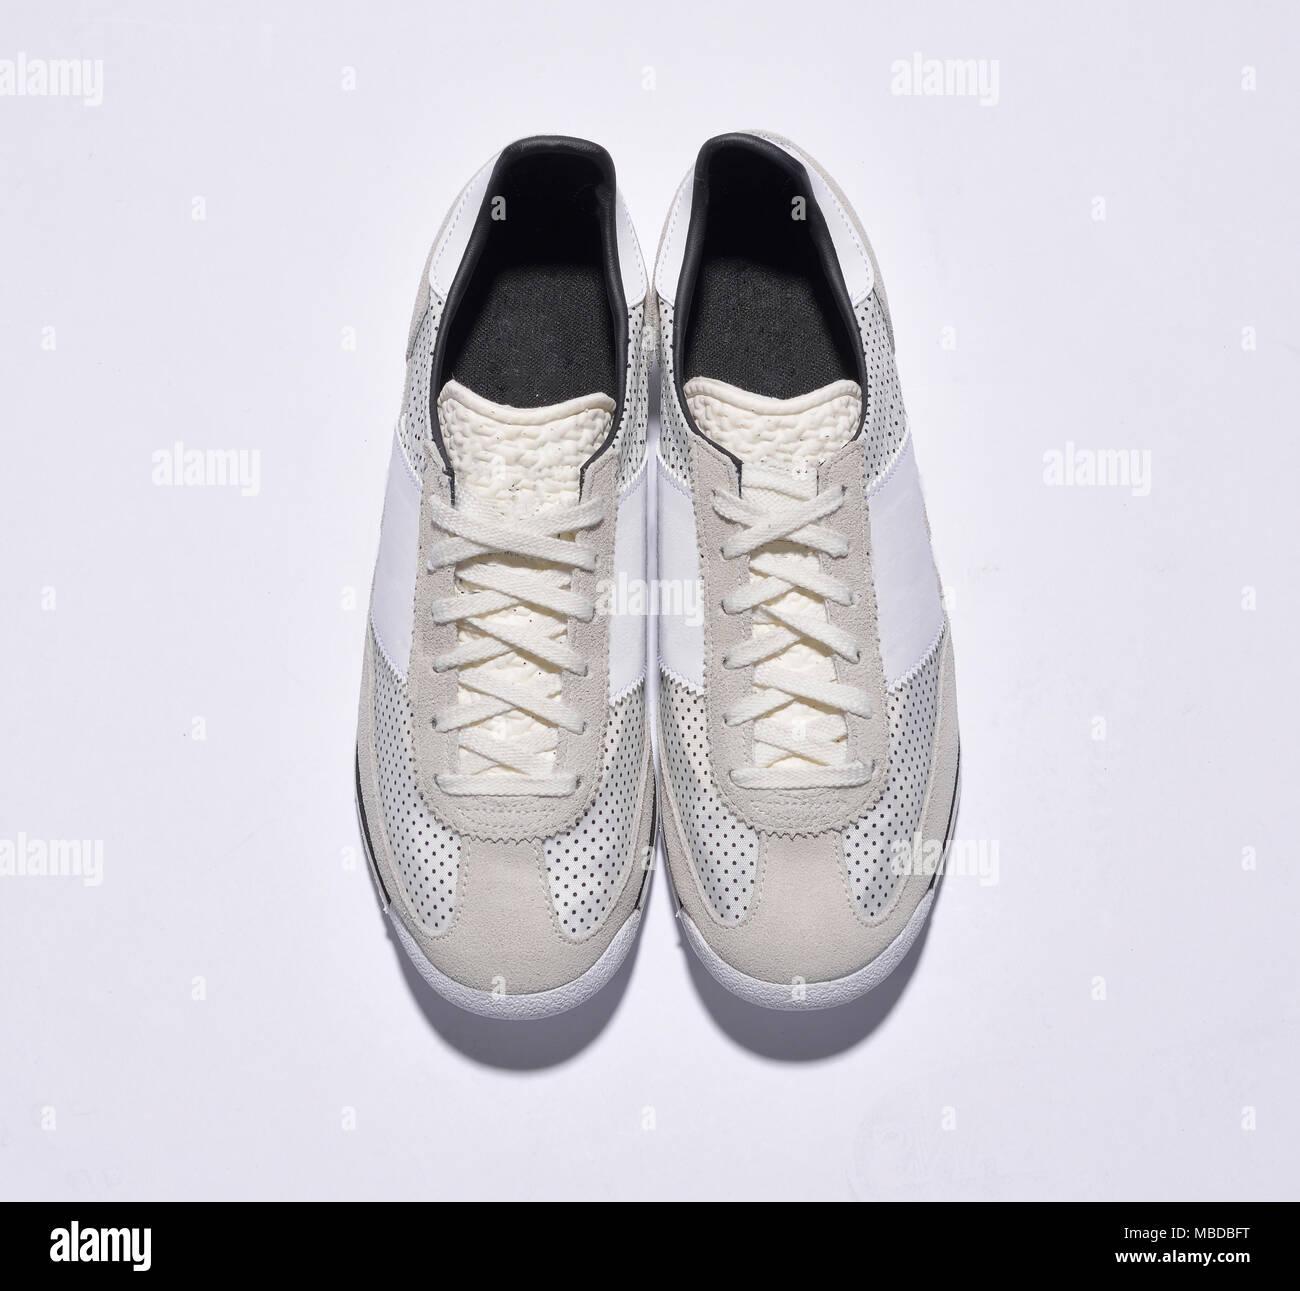 zapato deportivo Imagen De Stock